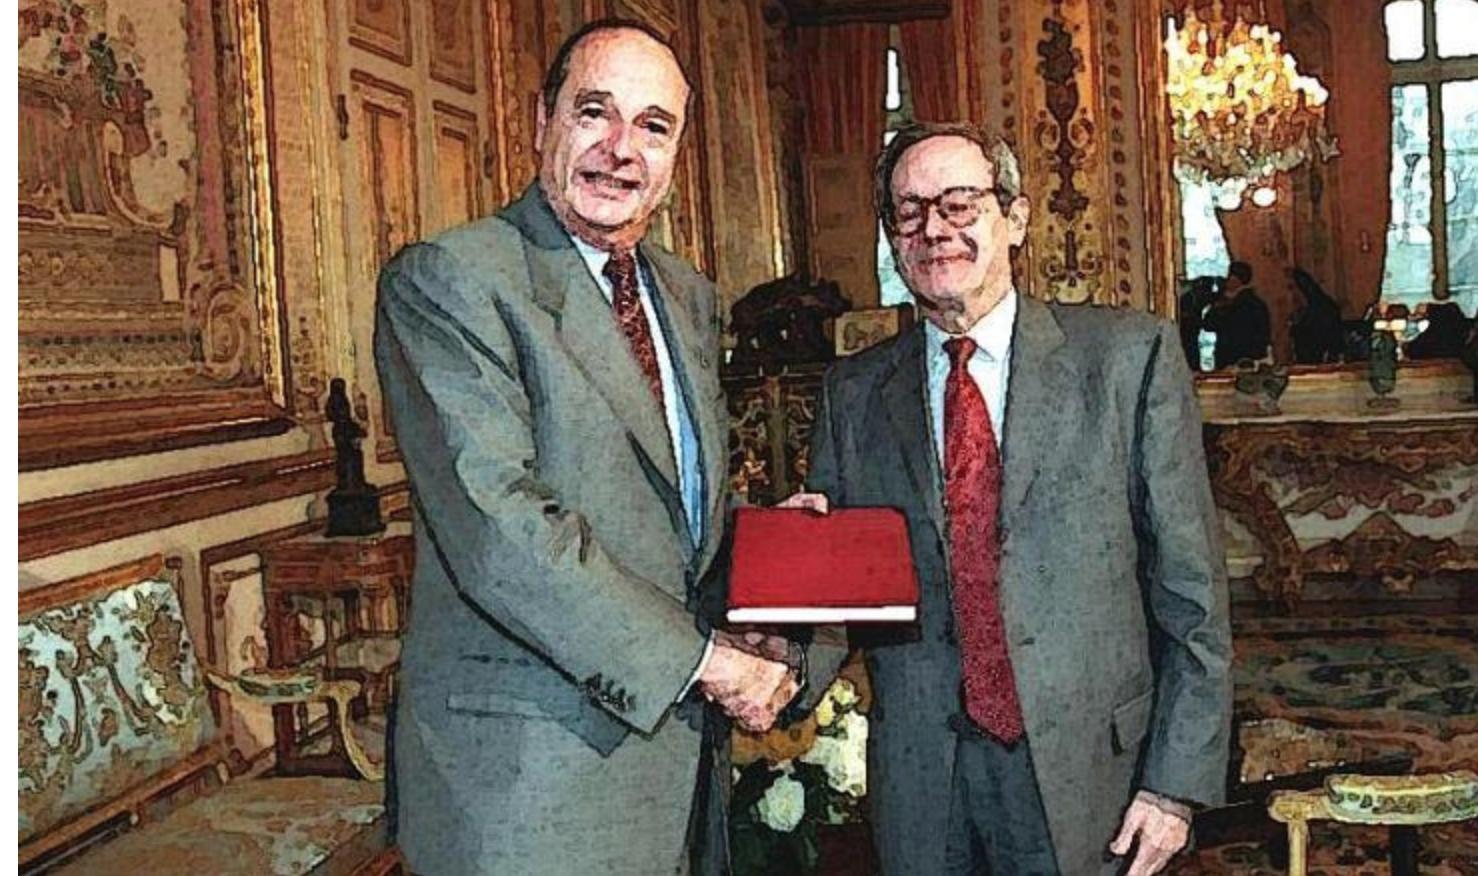 On doit la loi sur le voile au catastrophique Chirac, rendons-lui hommage pour cela !